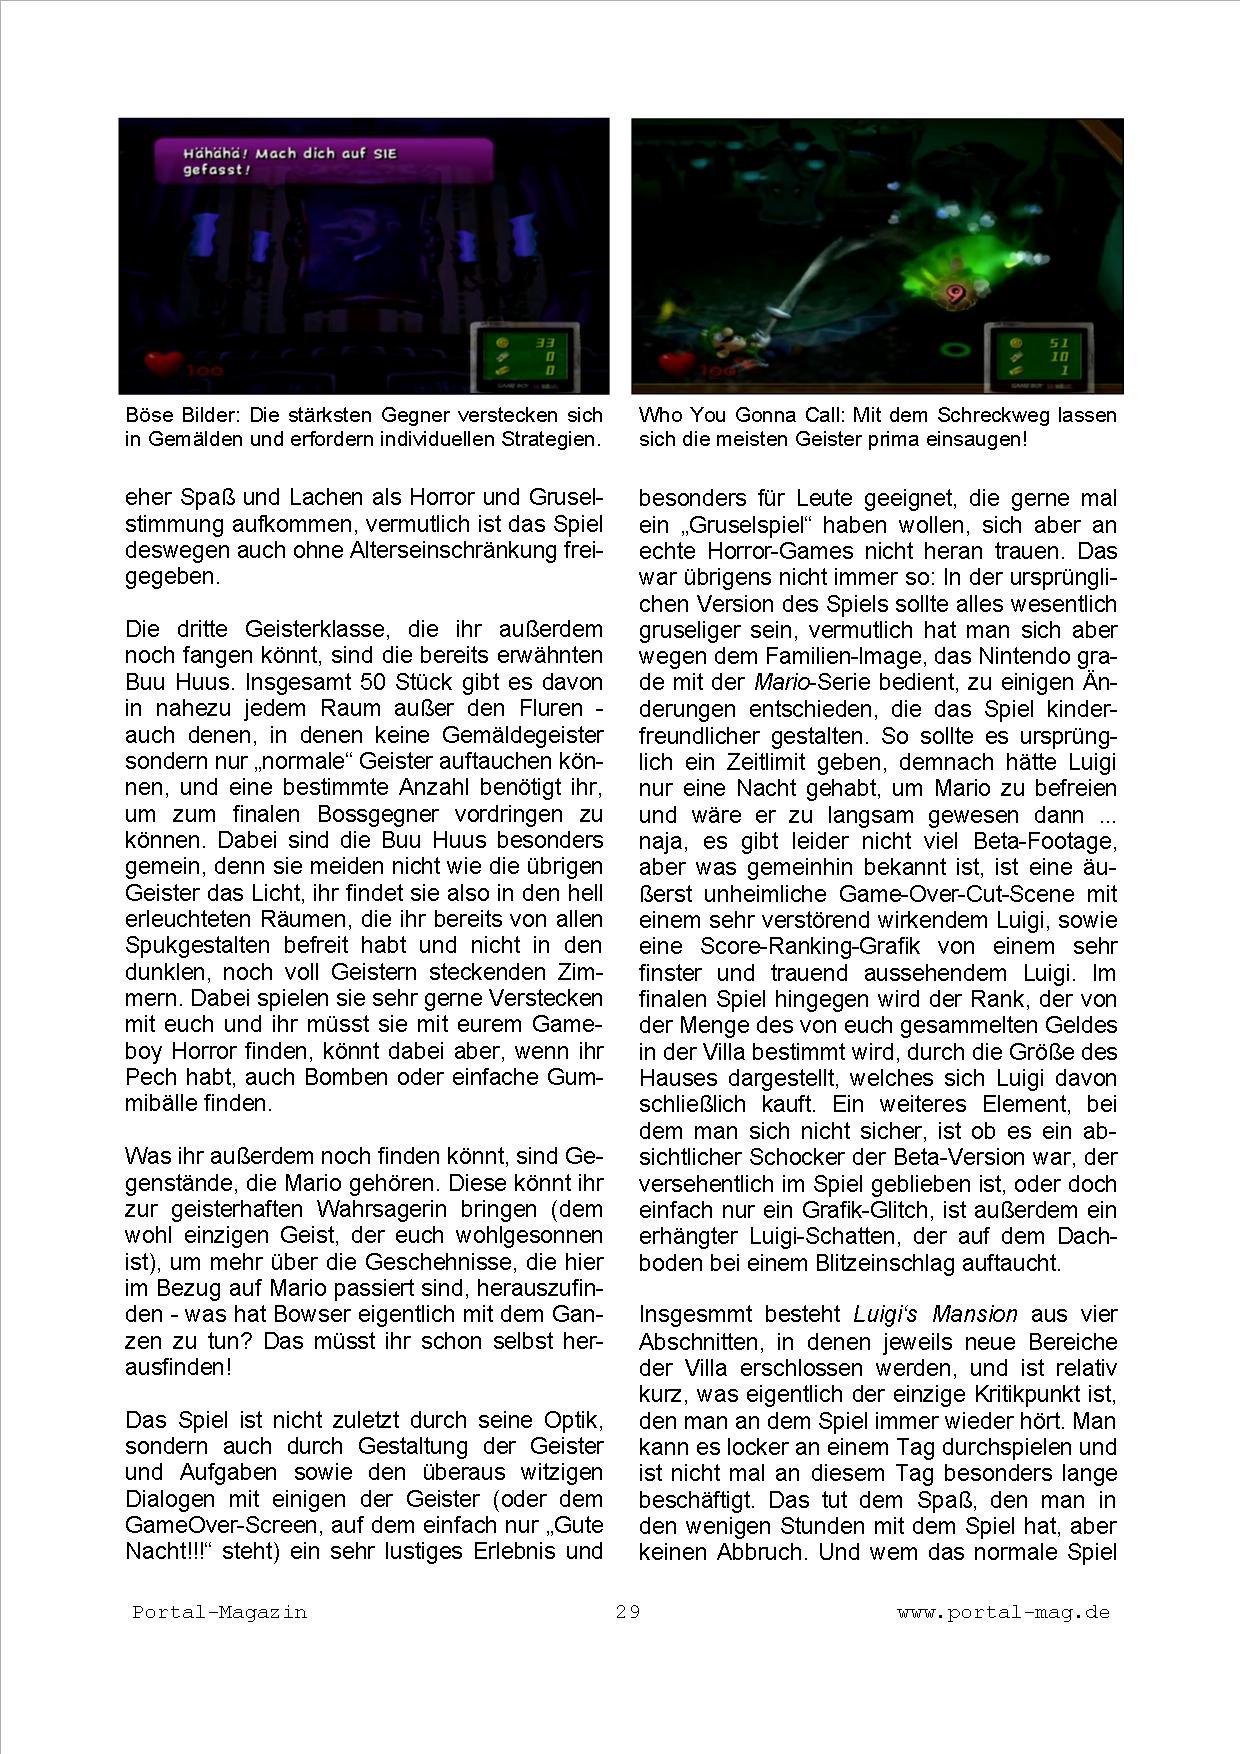 Ausgabe 36, Seite 29